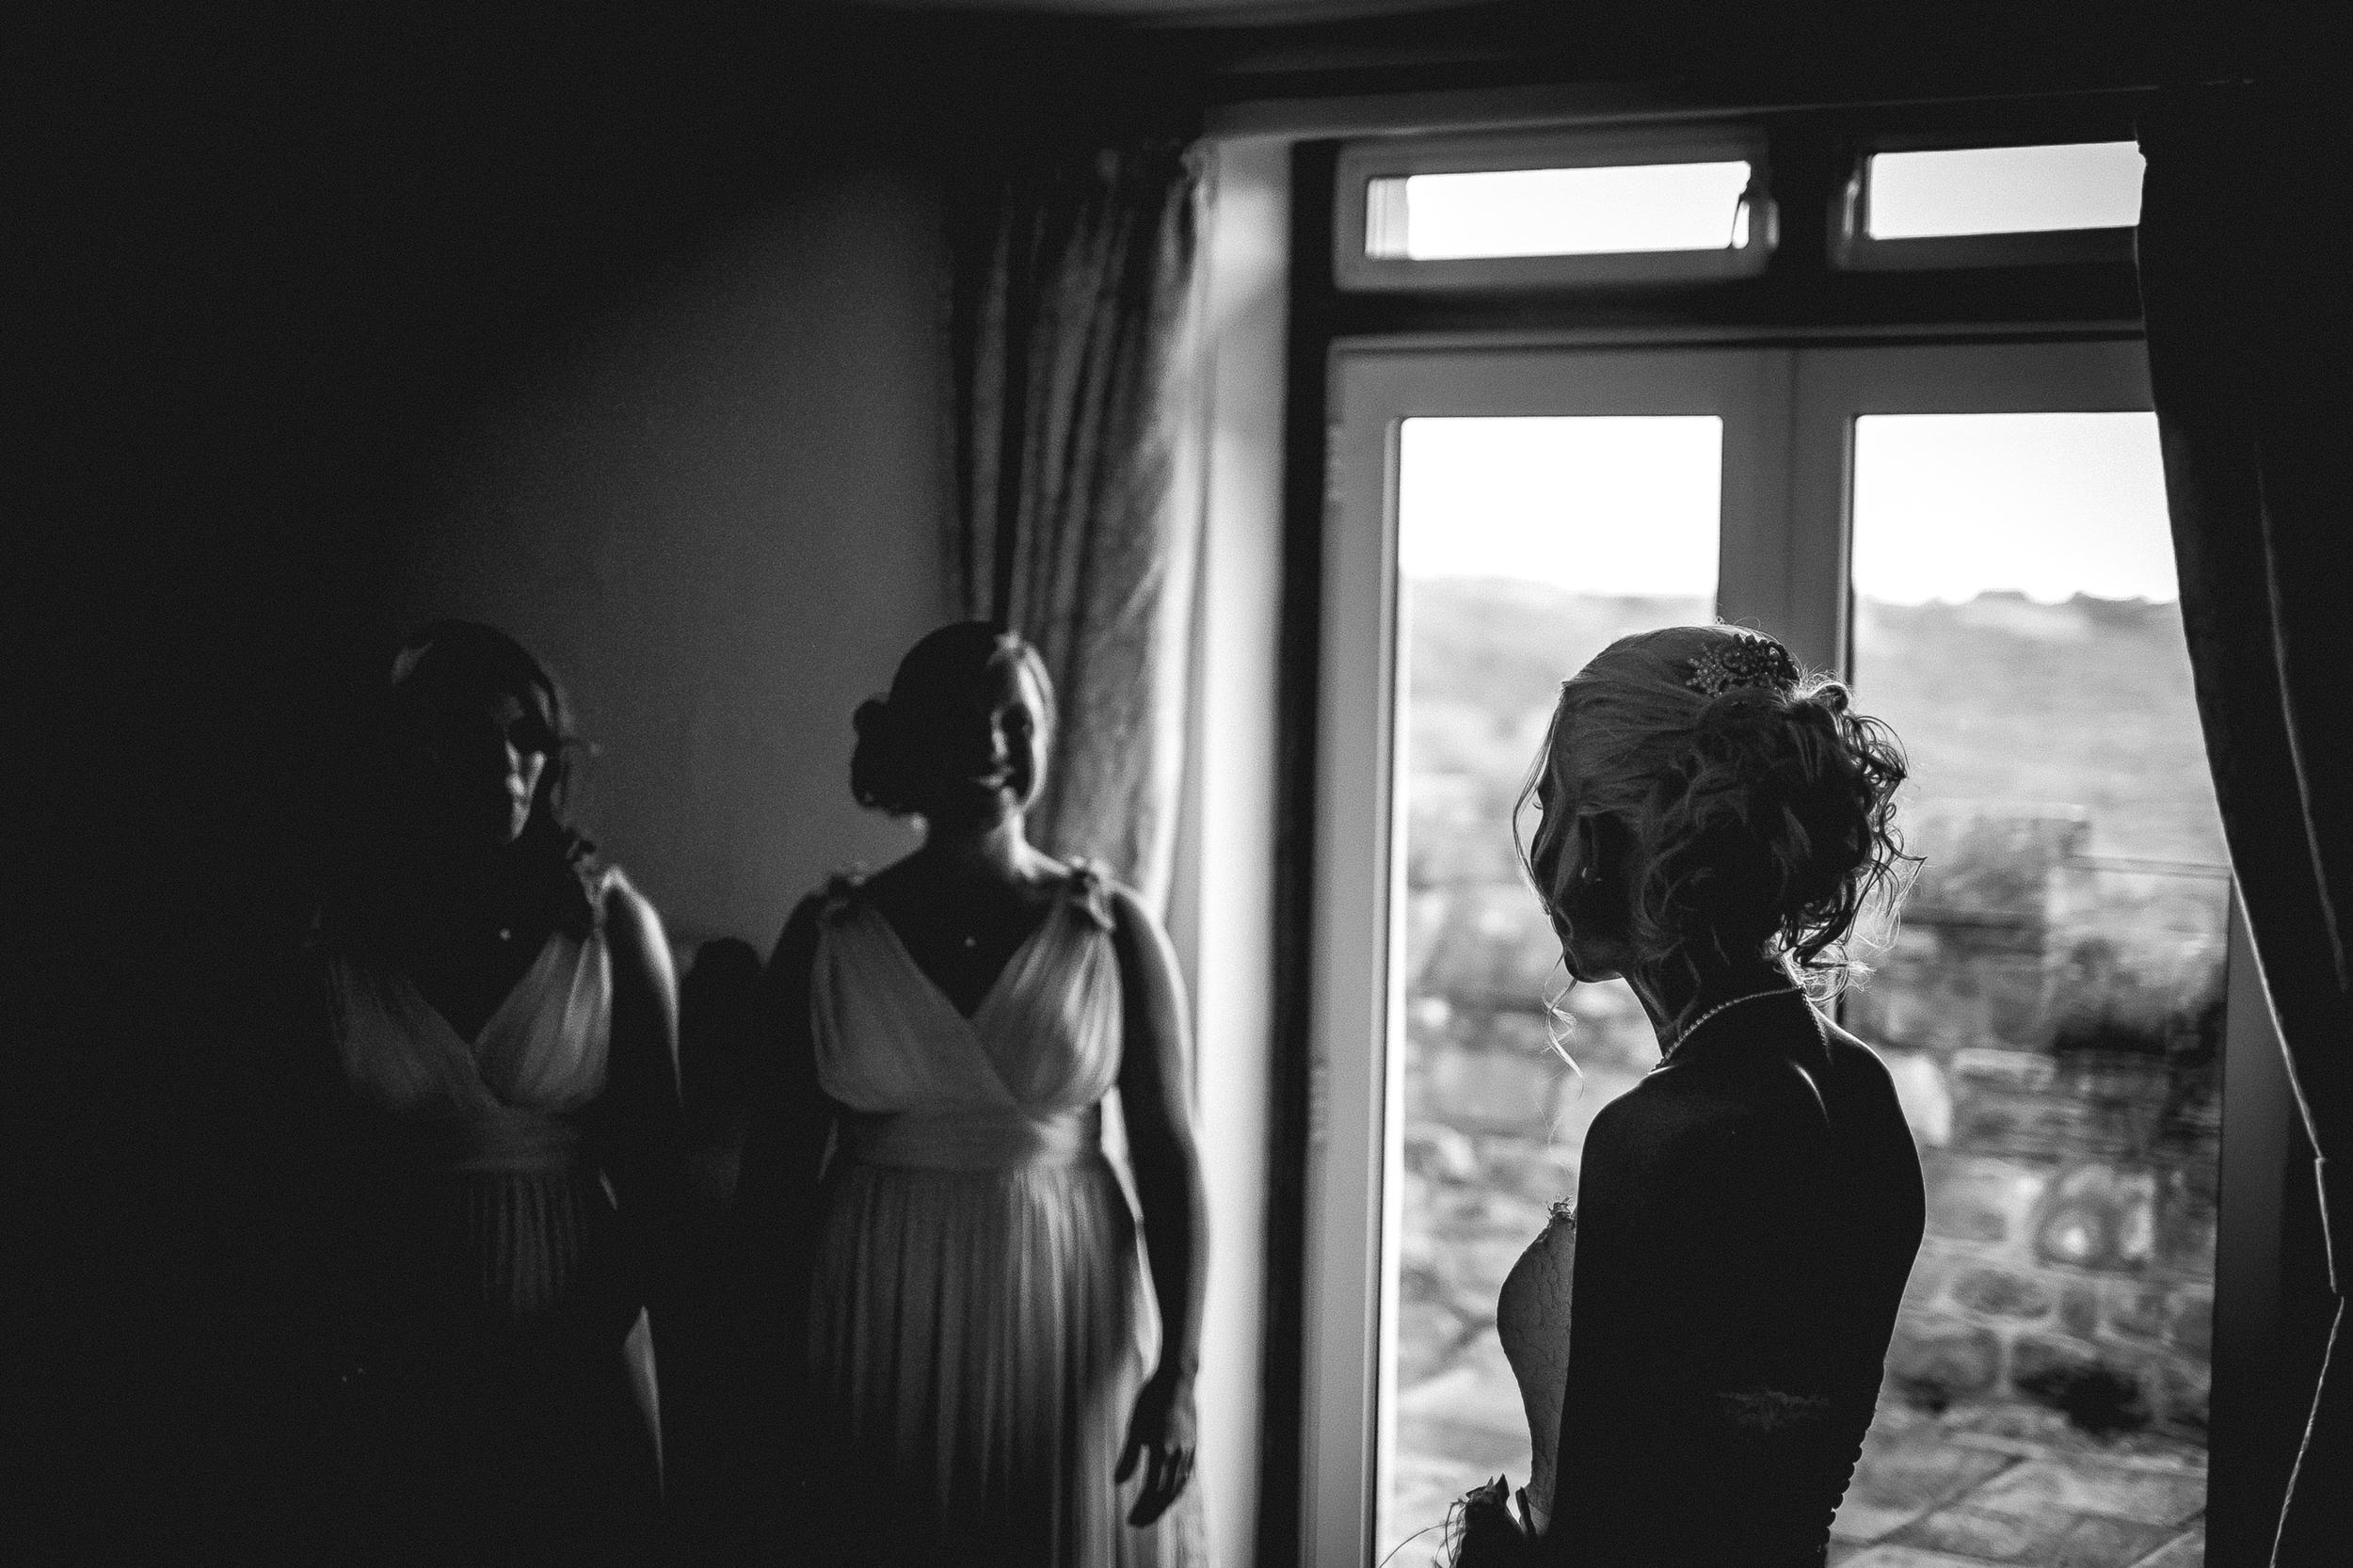 Summer weddings. | Fuji XE1 | 35mm | F1.4 - 1/4000th - iso1000